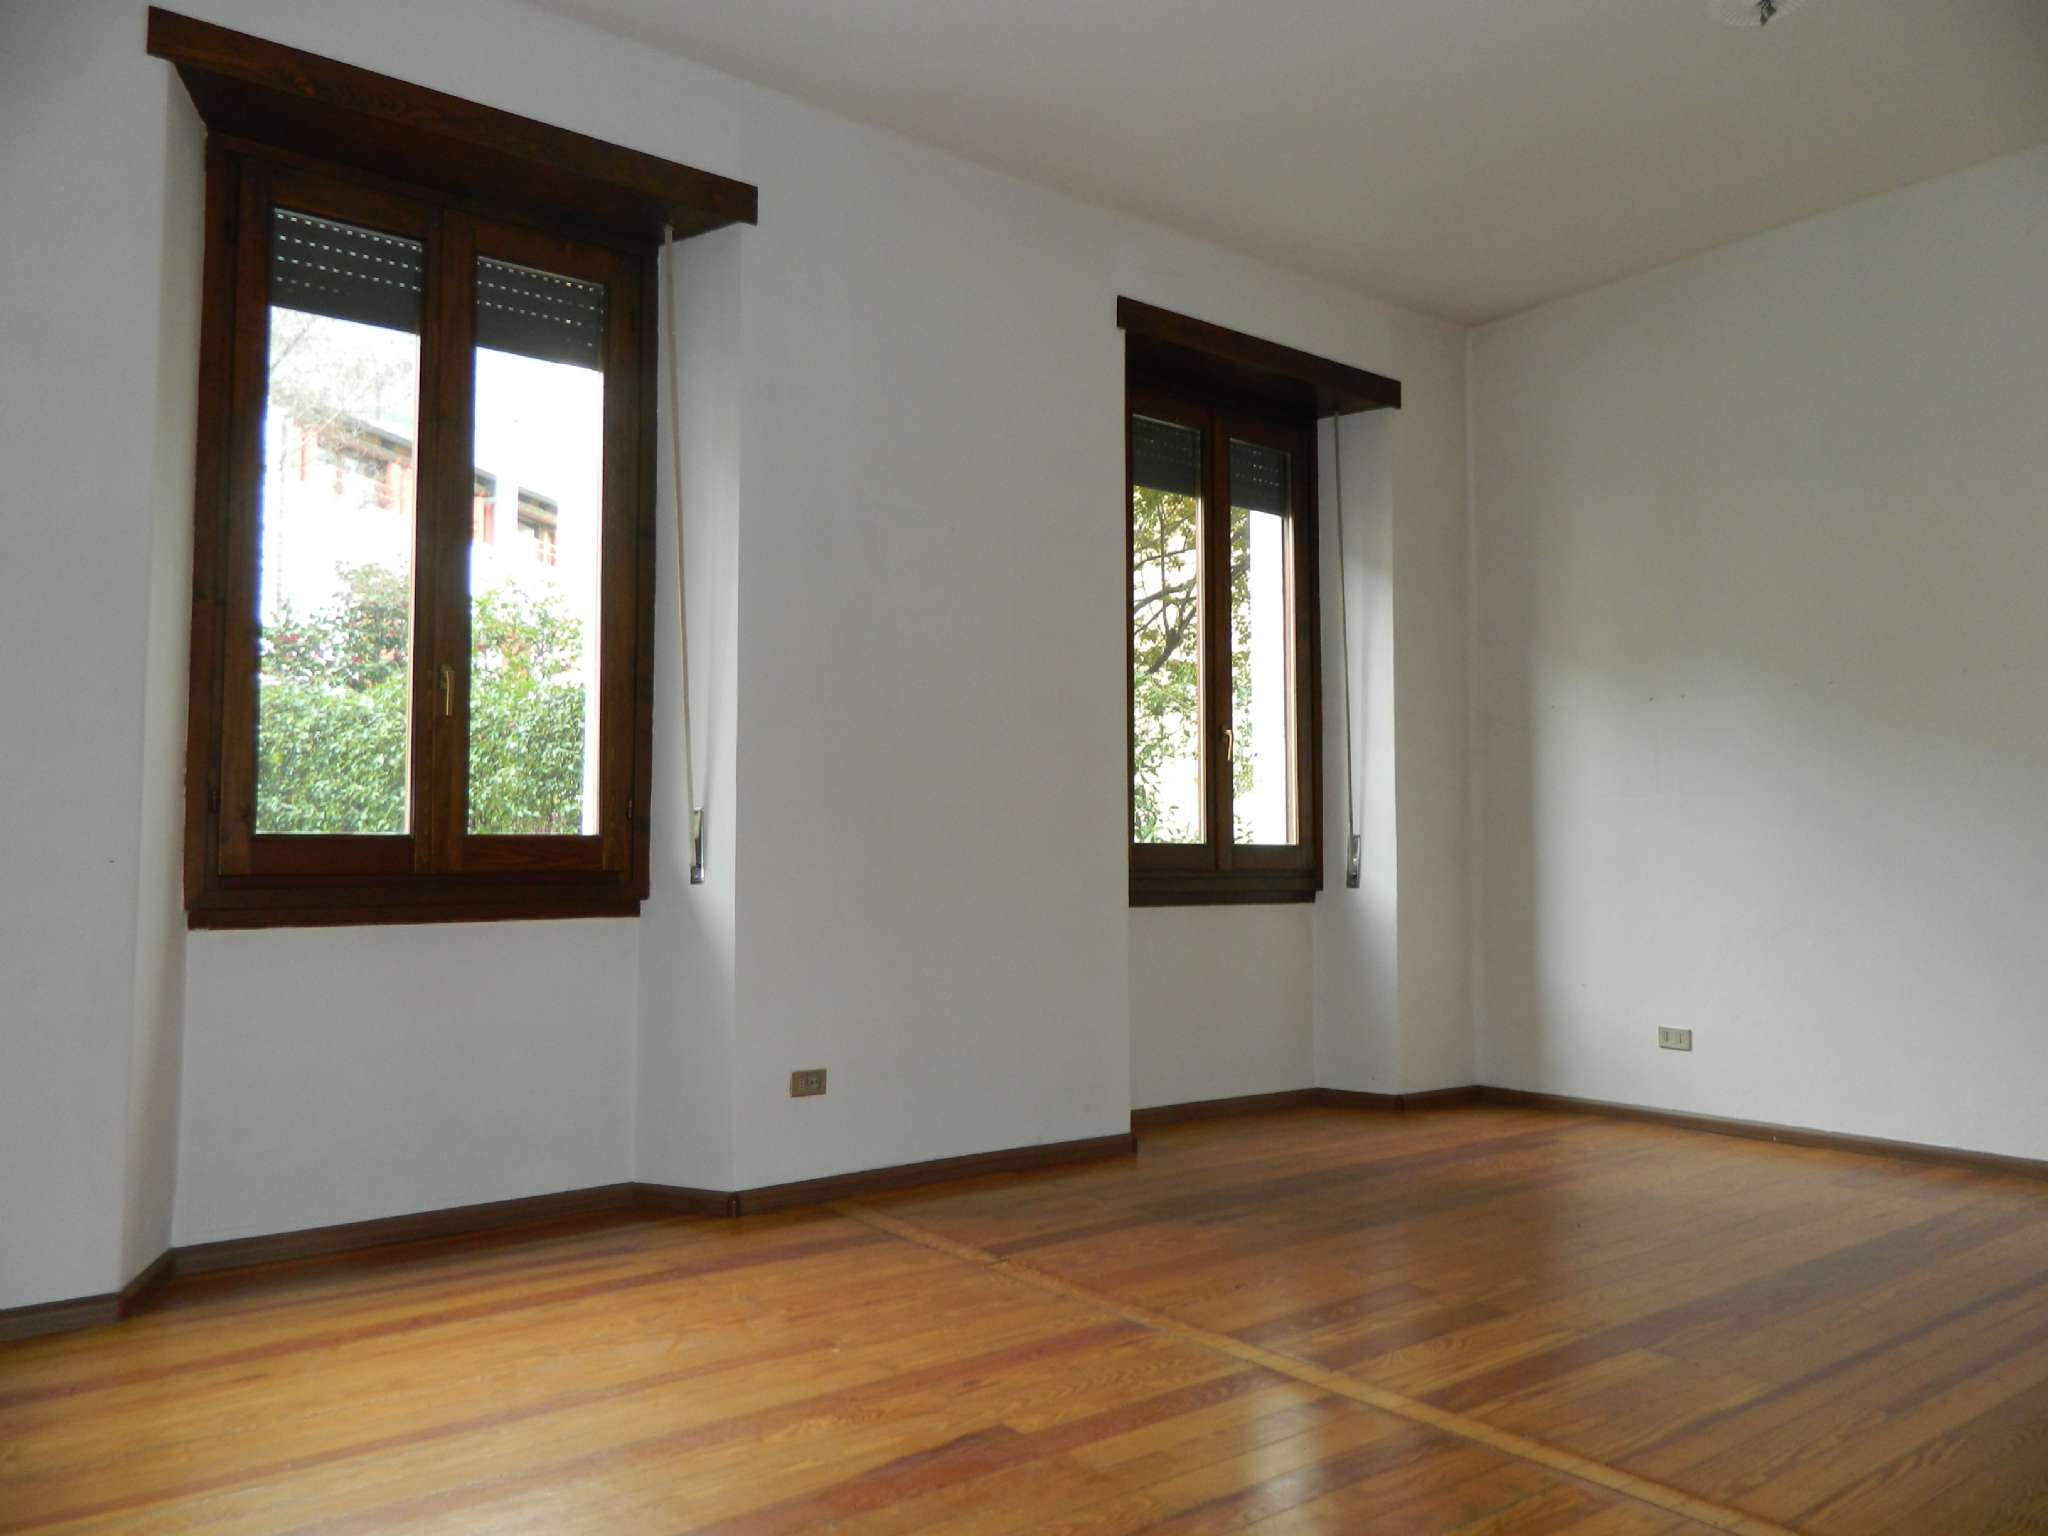 Ufficio / Studio in affitto a Sondrio, 3 locali, prezzo € 400 | PortaleAgenzieImmobiliari.it